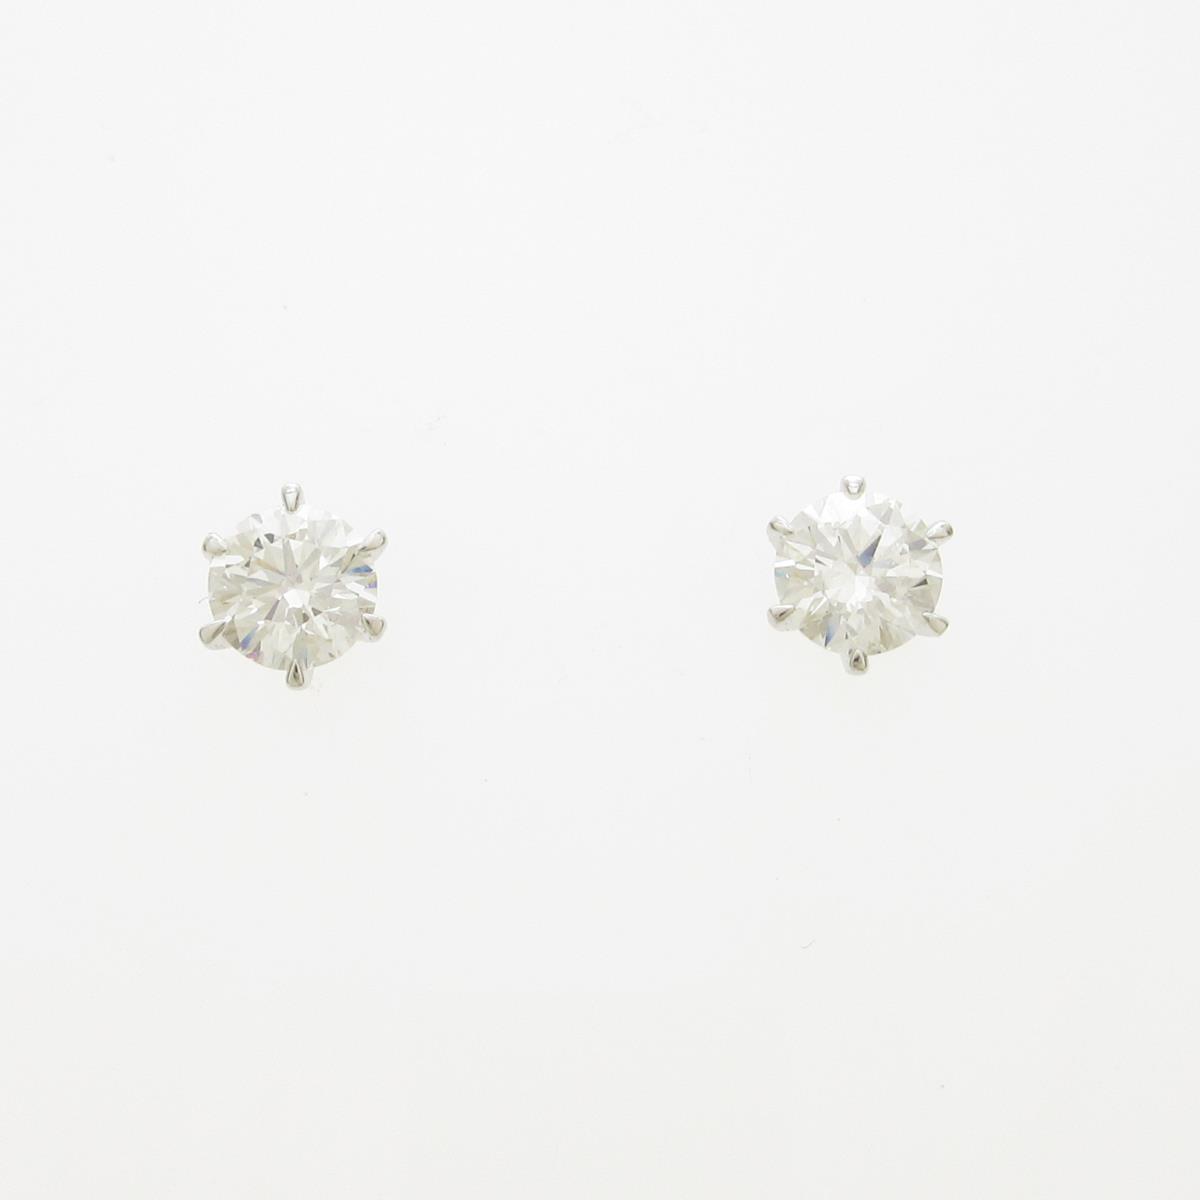 【リメイク】ST/プラチナダイヤモンドピアス 0.325ct・0.341ct・E・IF・EXT【中古】